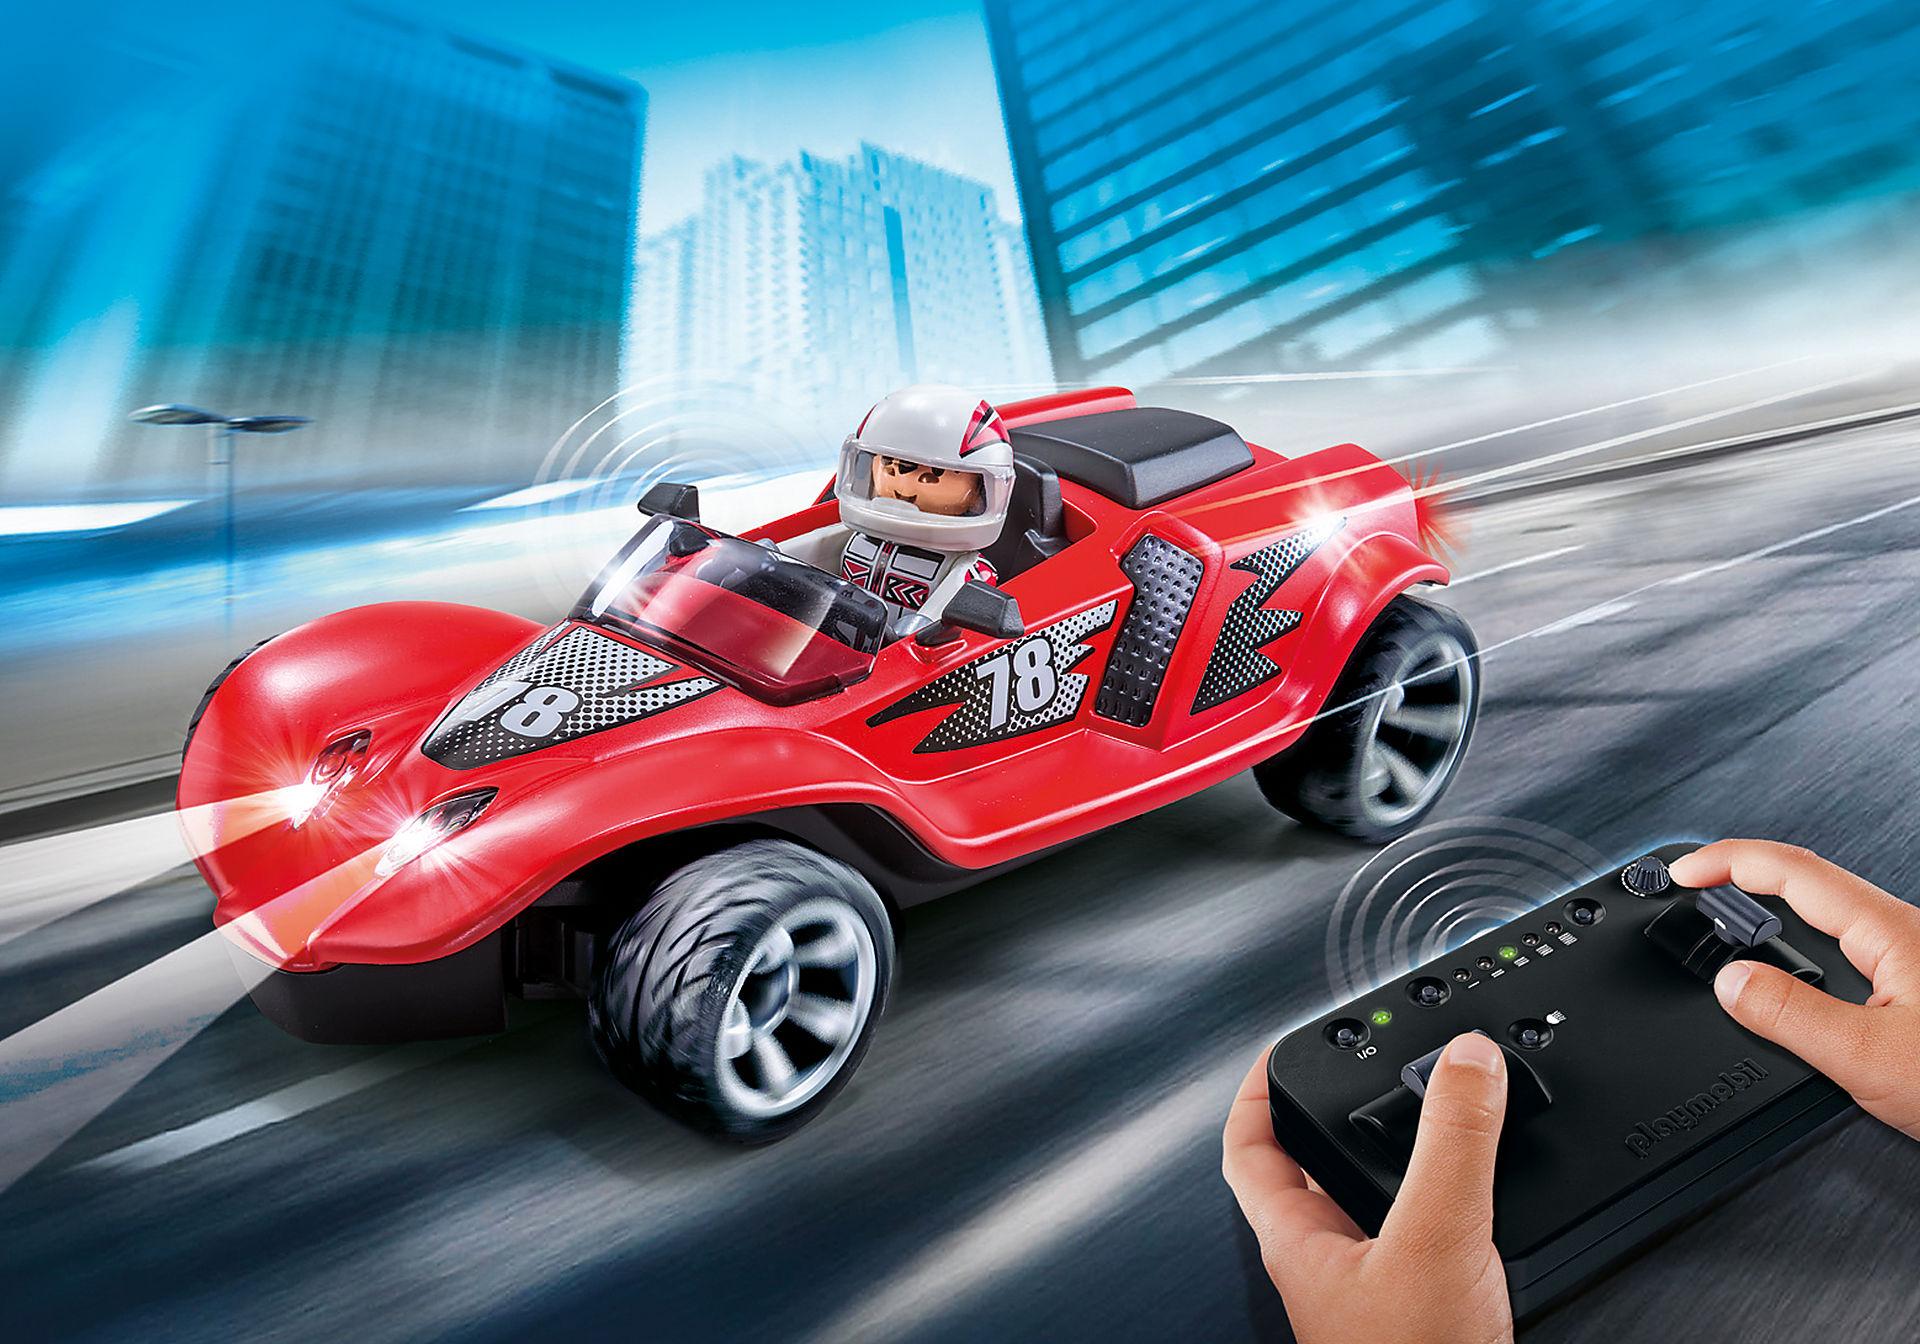 http://media.playmobil.com/i/playmobil/9090_product_detail/Racer Cohete RC